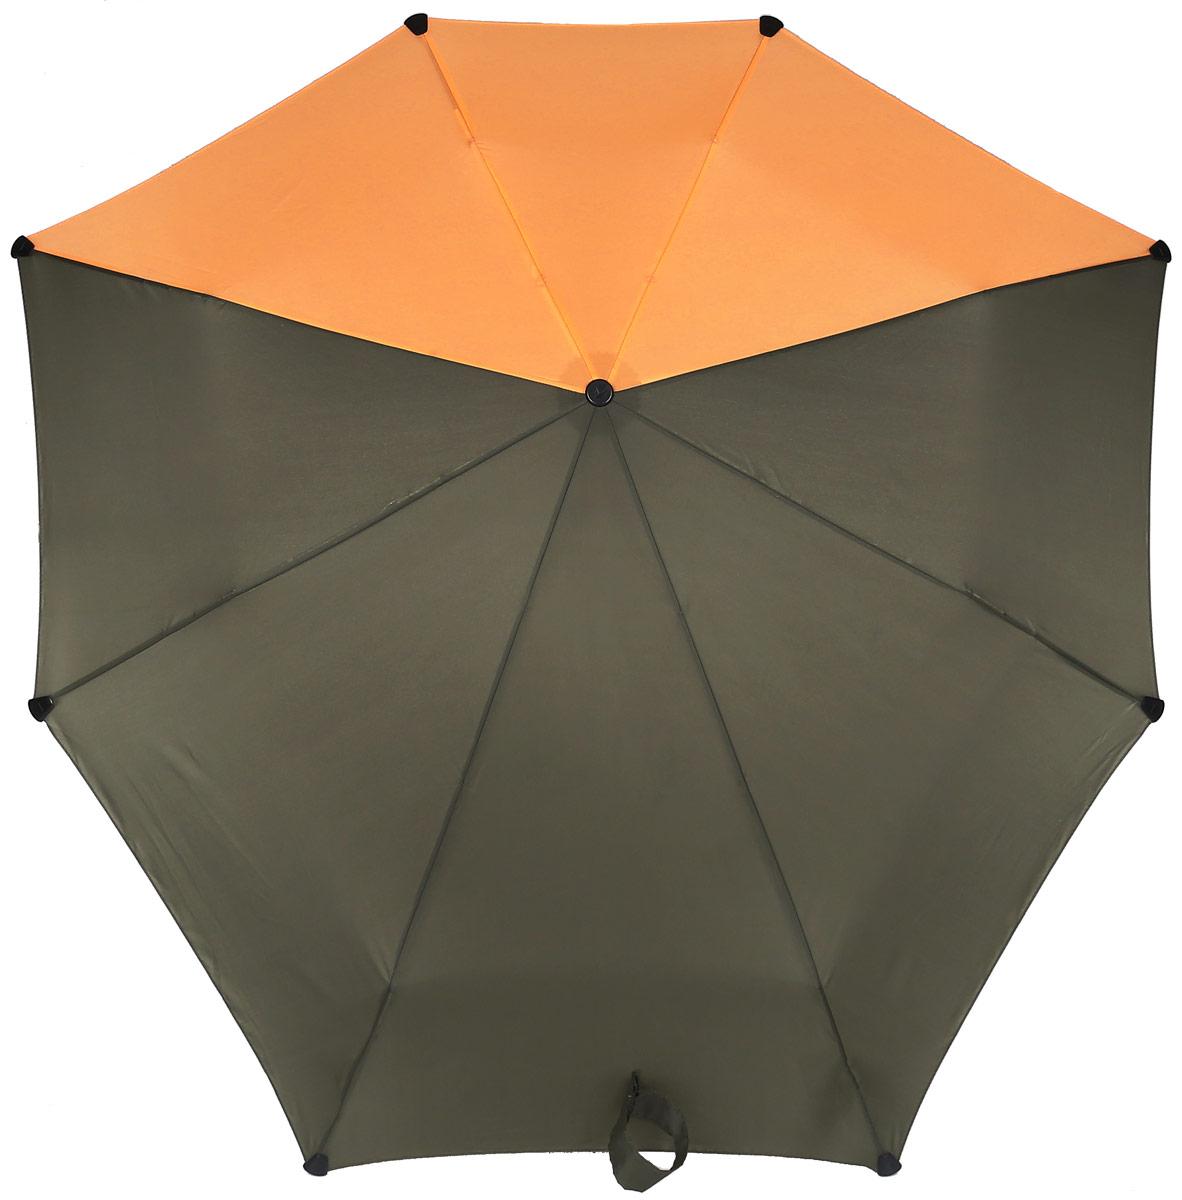 Зонт-автомат Senz, цвет: серый, оранжевый. 10240181024018Инновационный противоштормовый зонт, выдерживающий любую непогоду. Входит в коллекцию senz6, разработанную совместно со знаменитыми дизайнерами фэшн-индустрии и отвечающую новейшим веяниям моды. Форма купола продумана так, что вы легко найдете самое удобное положение на ветру – без паники и без борьбы со стихией. Закрывает спину от дождя. Благодаря своей усовершенствованной конструкции, зонт не выворачивается наизнанку даже при сильном ветре. Характеристики: - тип — автомат - три сложения - выдерживает порывы ветра до 80 км/ч - УФ-защита 50+ - эргономичная ручка - безопасные колпачки на кончиках спиц - в комплекте чехол с фирменным принтом - гарантия 2 года Размер купола - 91 х 91 см., длина в сложенном виде - 28 см., в раскрытом - 57 см. Весит 360 г.